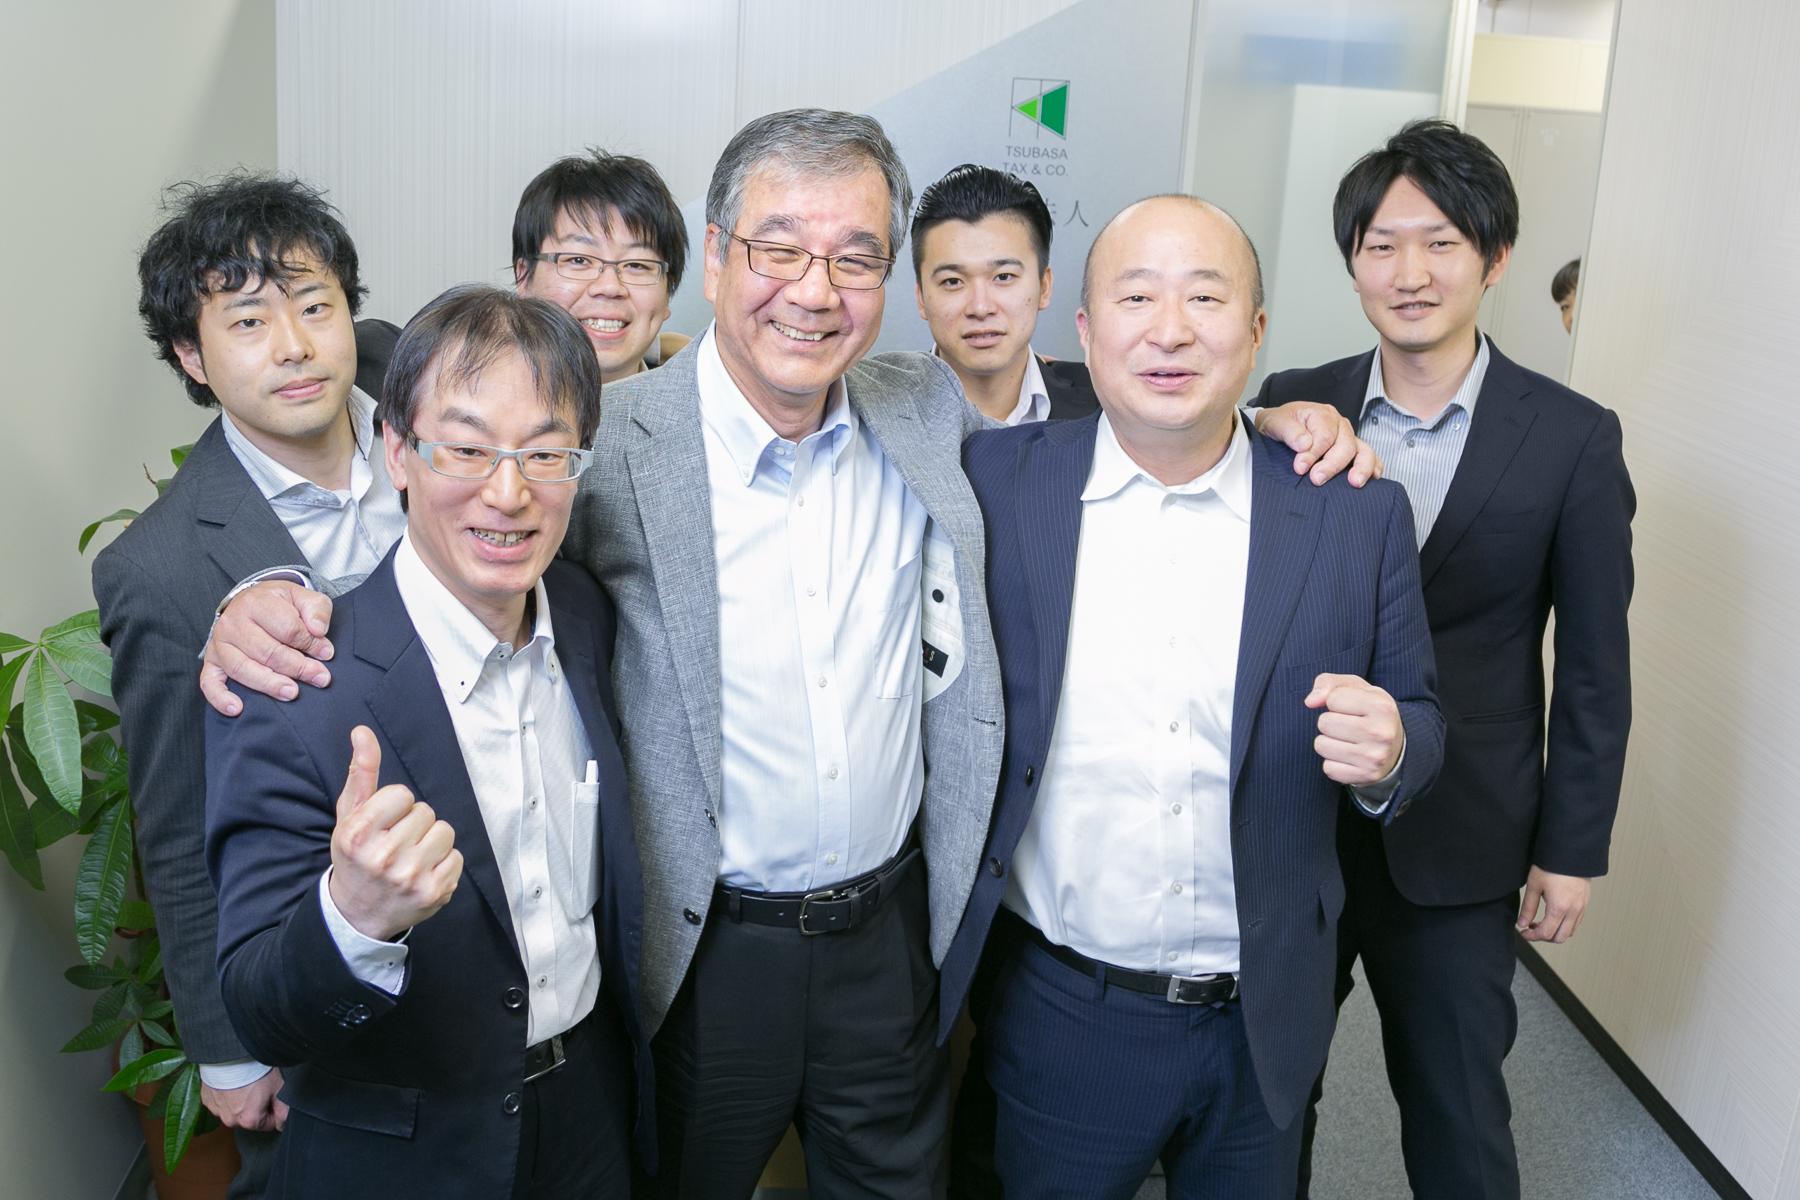 【名古屋/会計事務所経験者向け監査スタッフ求人】〈仕事もプライベートも充実させたい方へ〉若手が多く活気のある職場です!